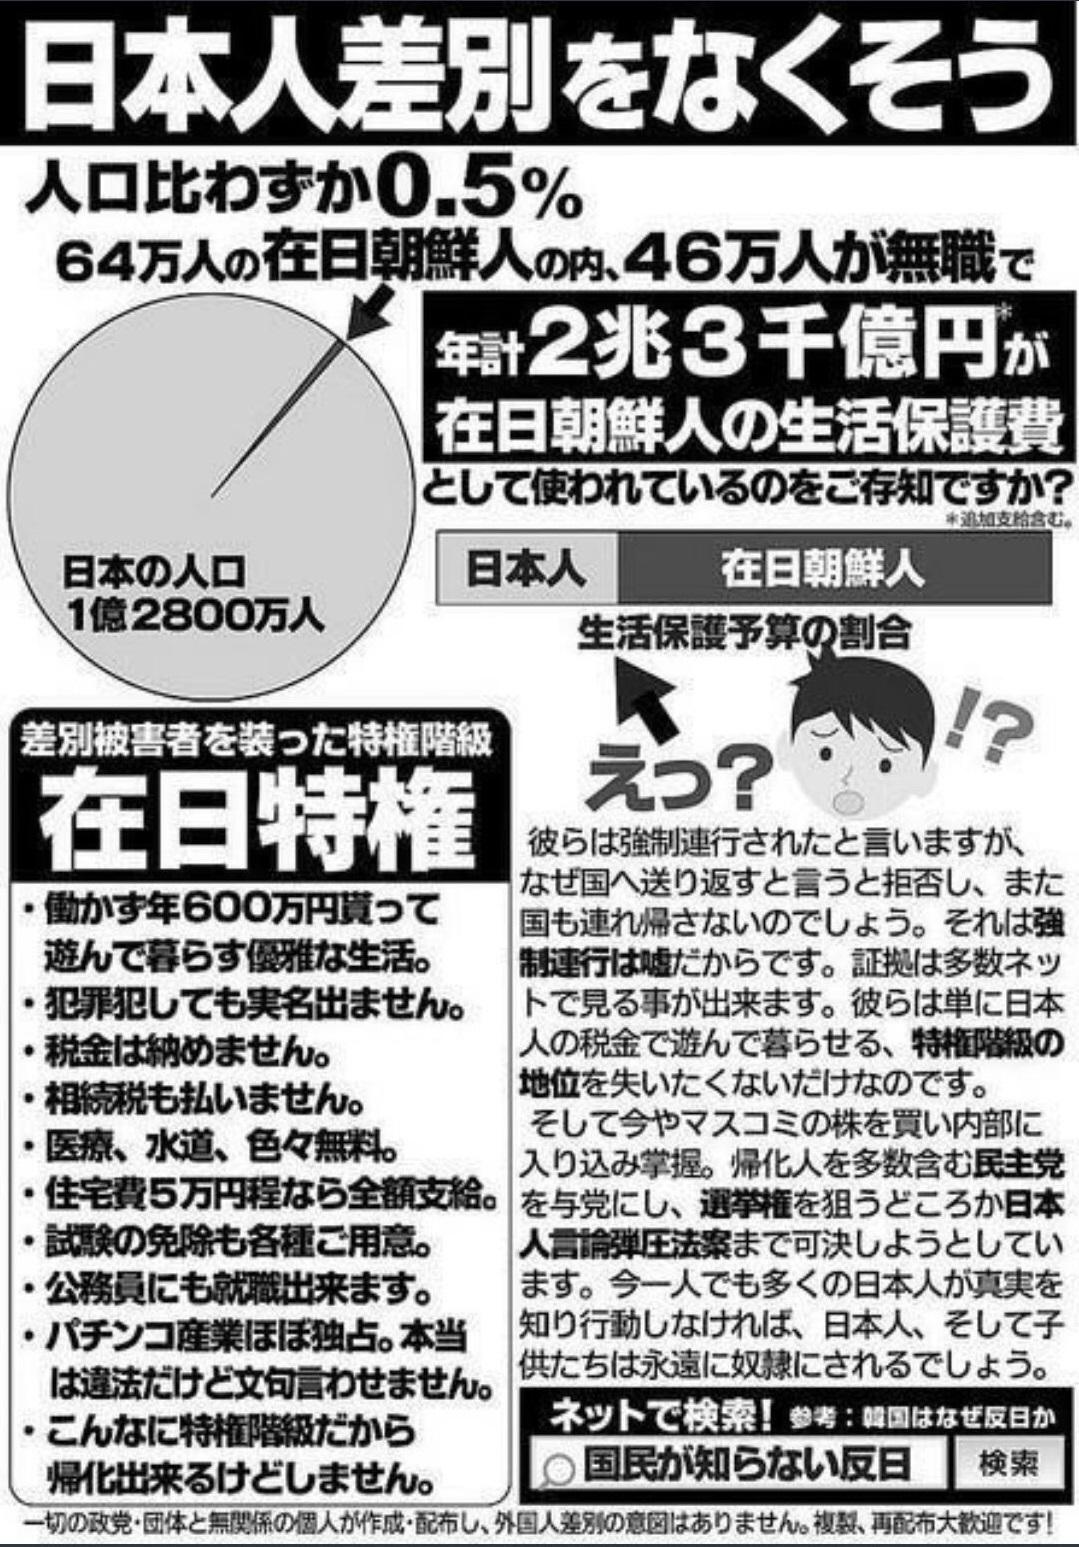 在に特権による日本人差別